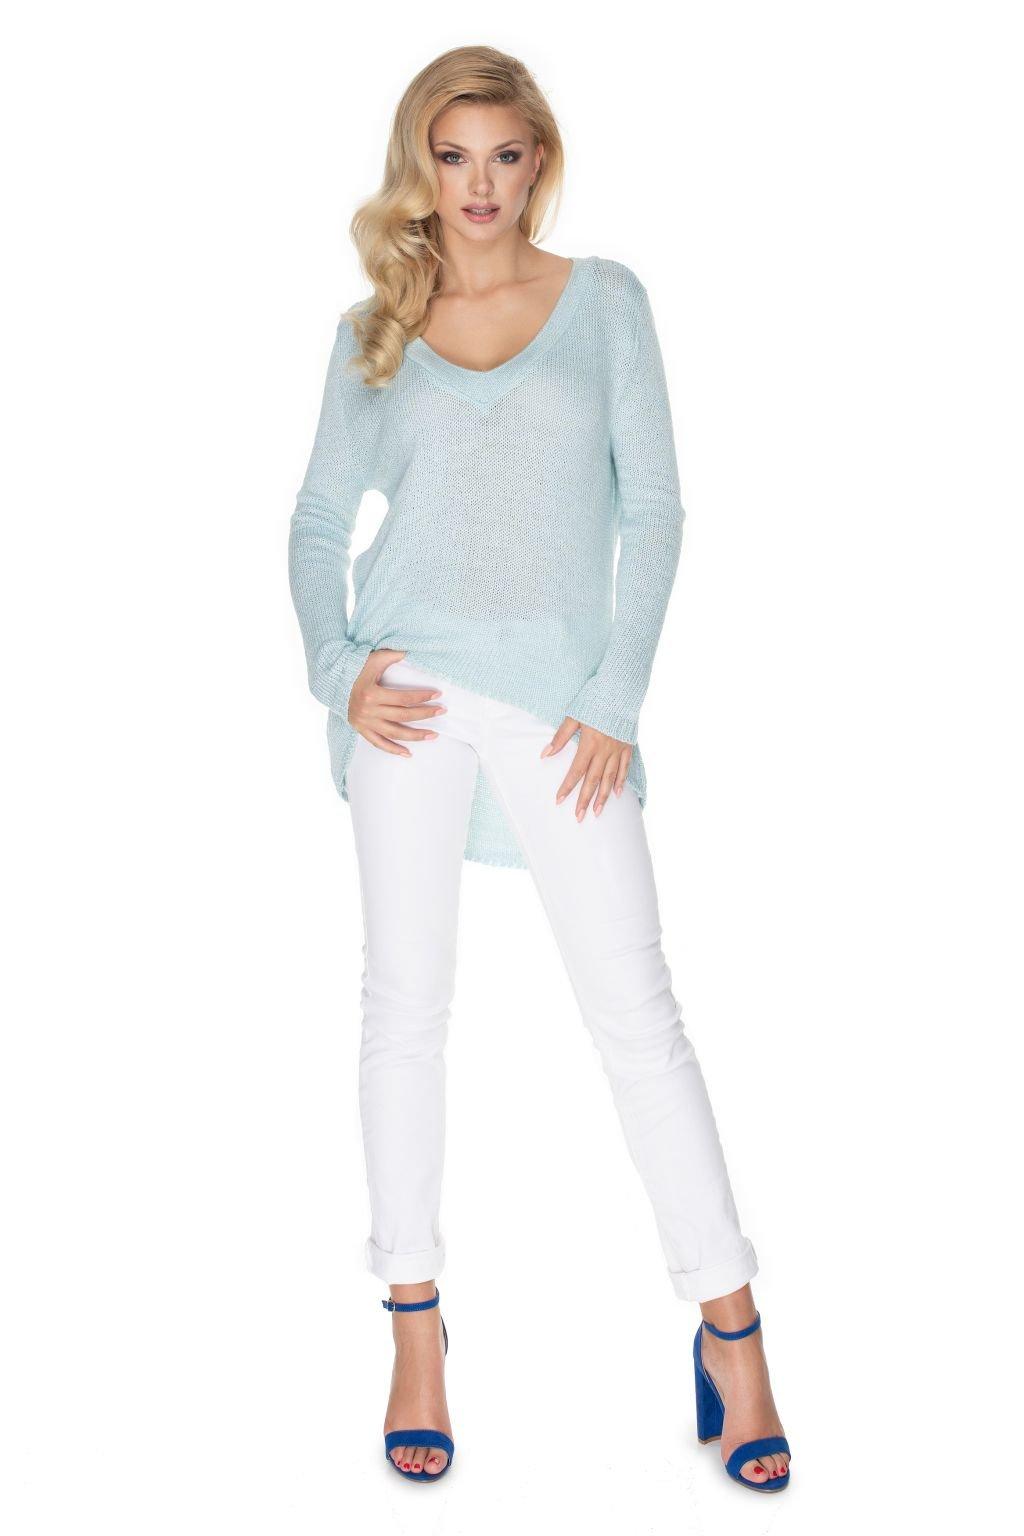 Volný svetr PeeKaBoo 30067 modrý